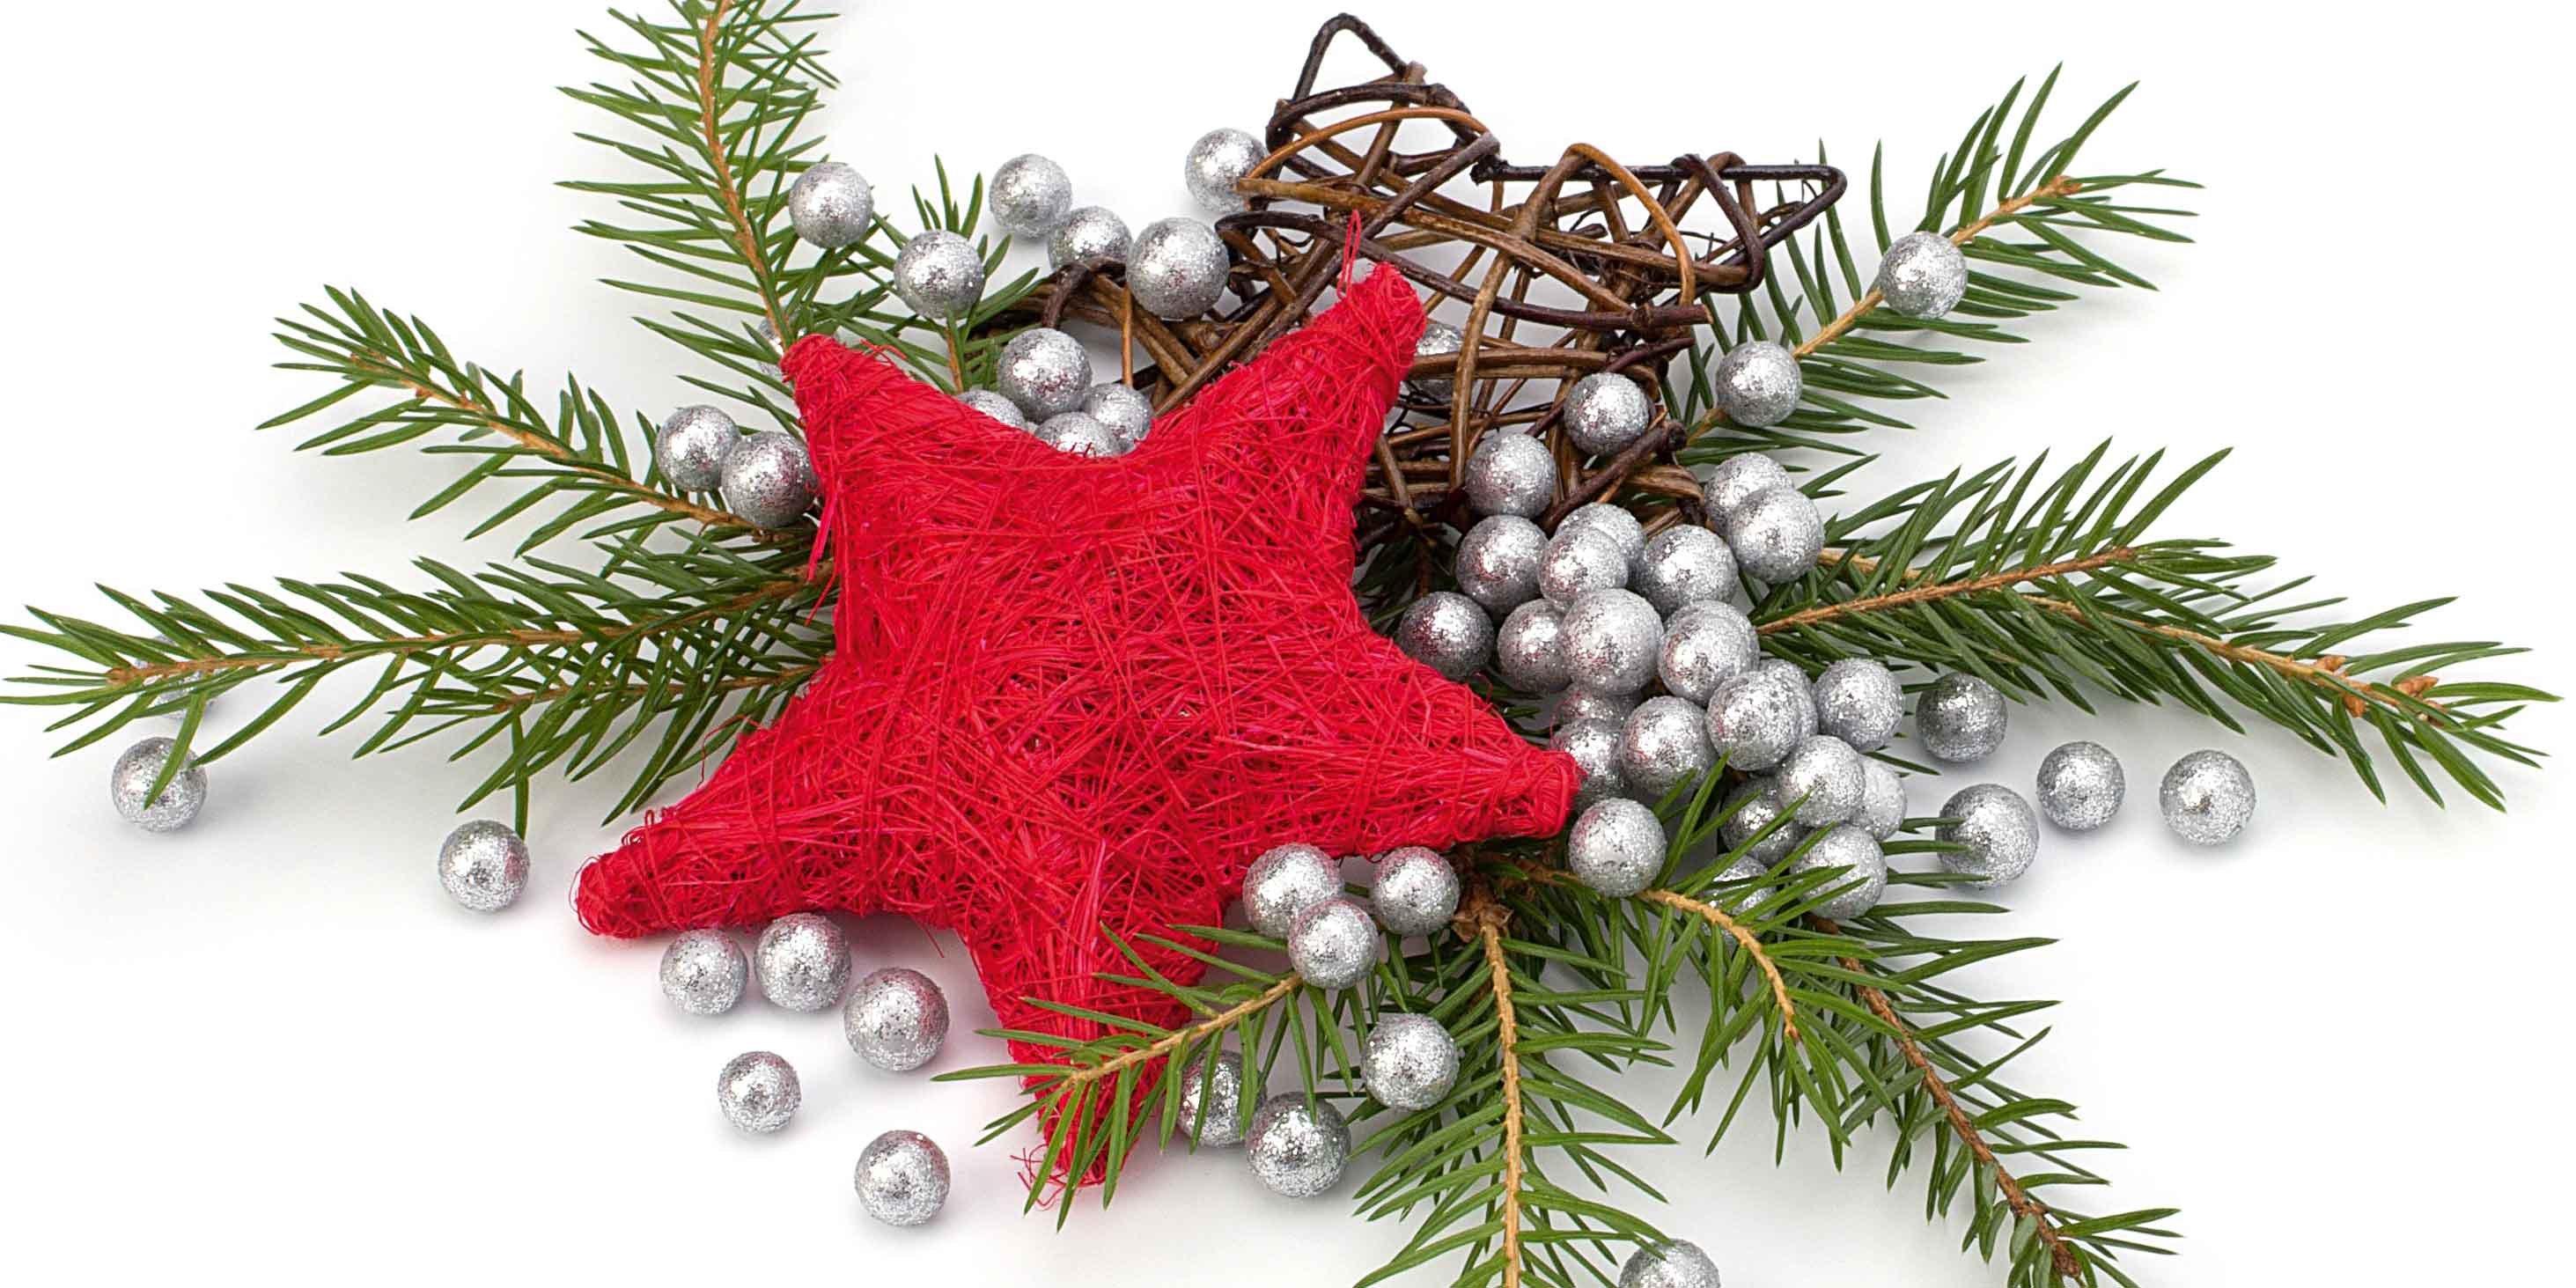 Decorazioni Natalizie Per Balconi Fai Da Te.Balcone A Natale Come Addobbarlo Cose Di Casa